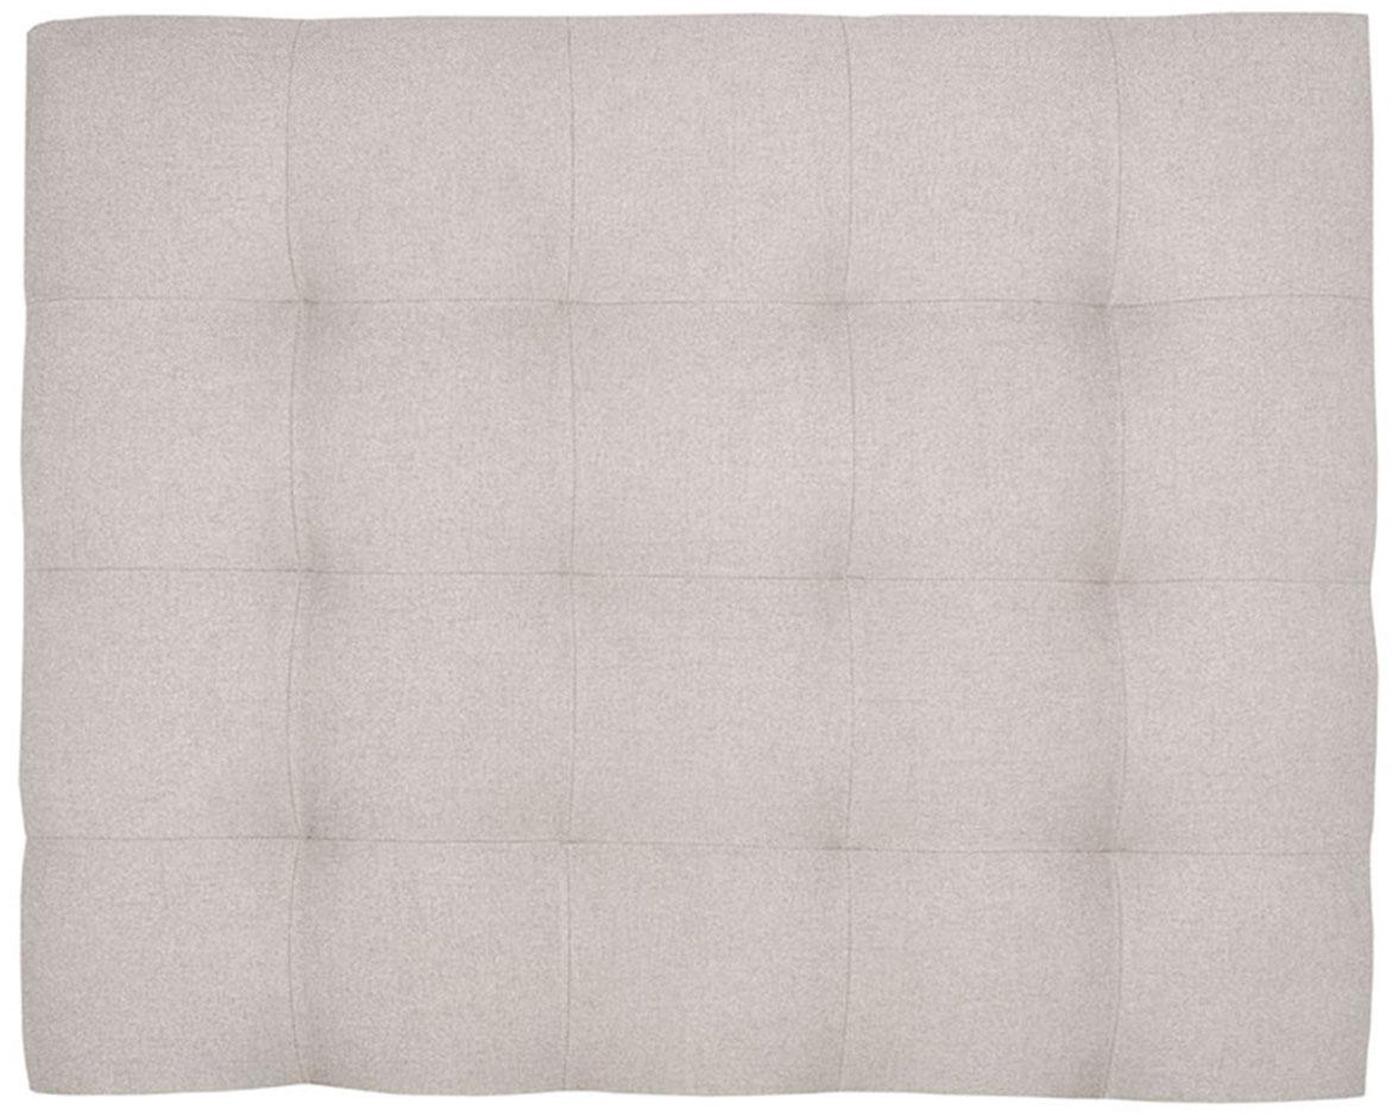 Cabecero de madera de pino Lion, Estructura: madera de pino, madera co, Tapizado: 100%poliéster Alta resis, Blanco crudo, An 100 x Al 80 cm